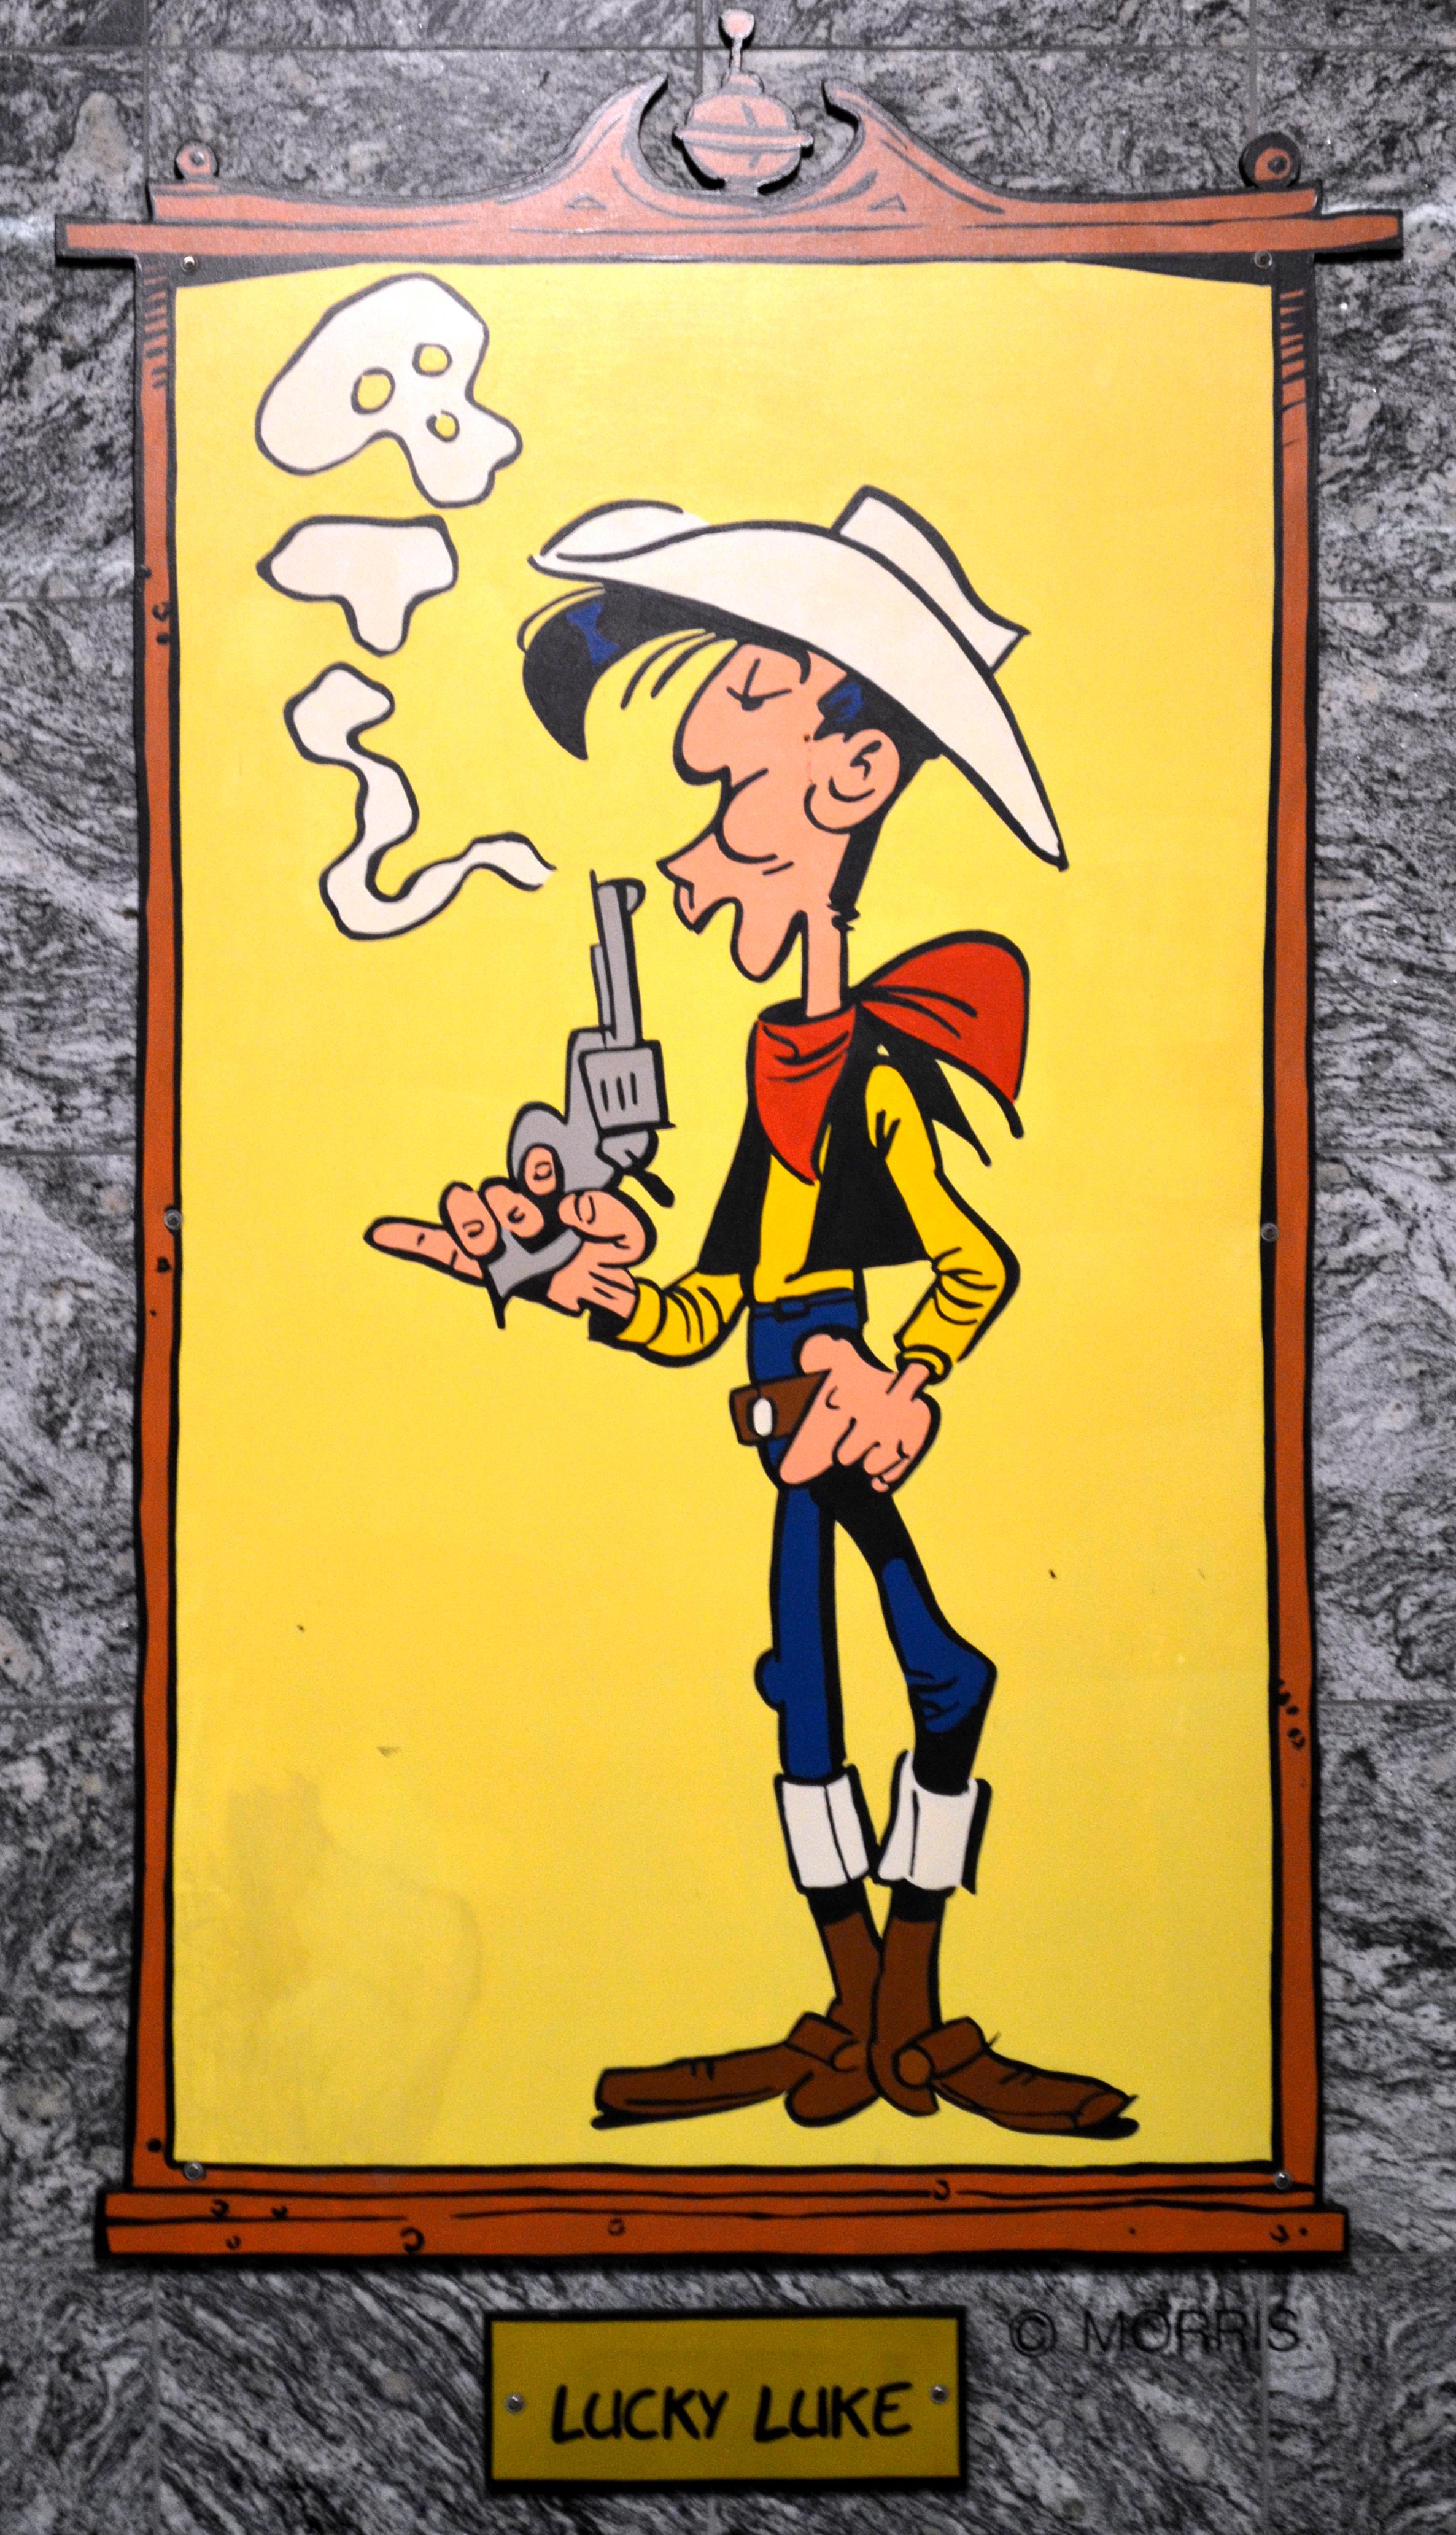 Lucky Luke Personnage Wikipedia